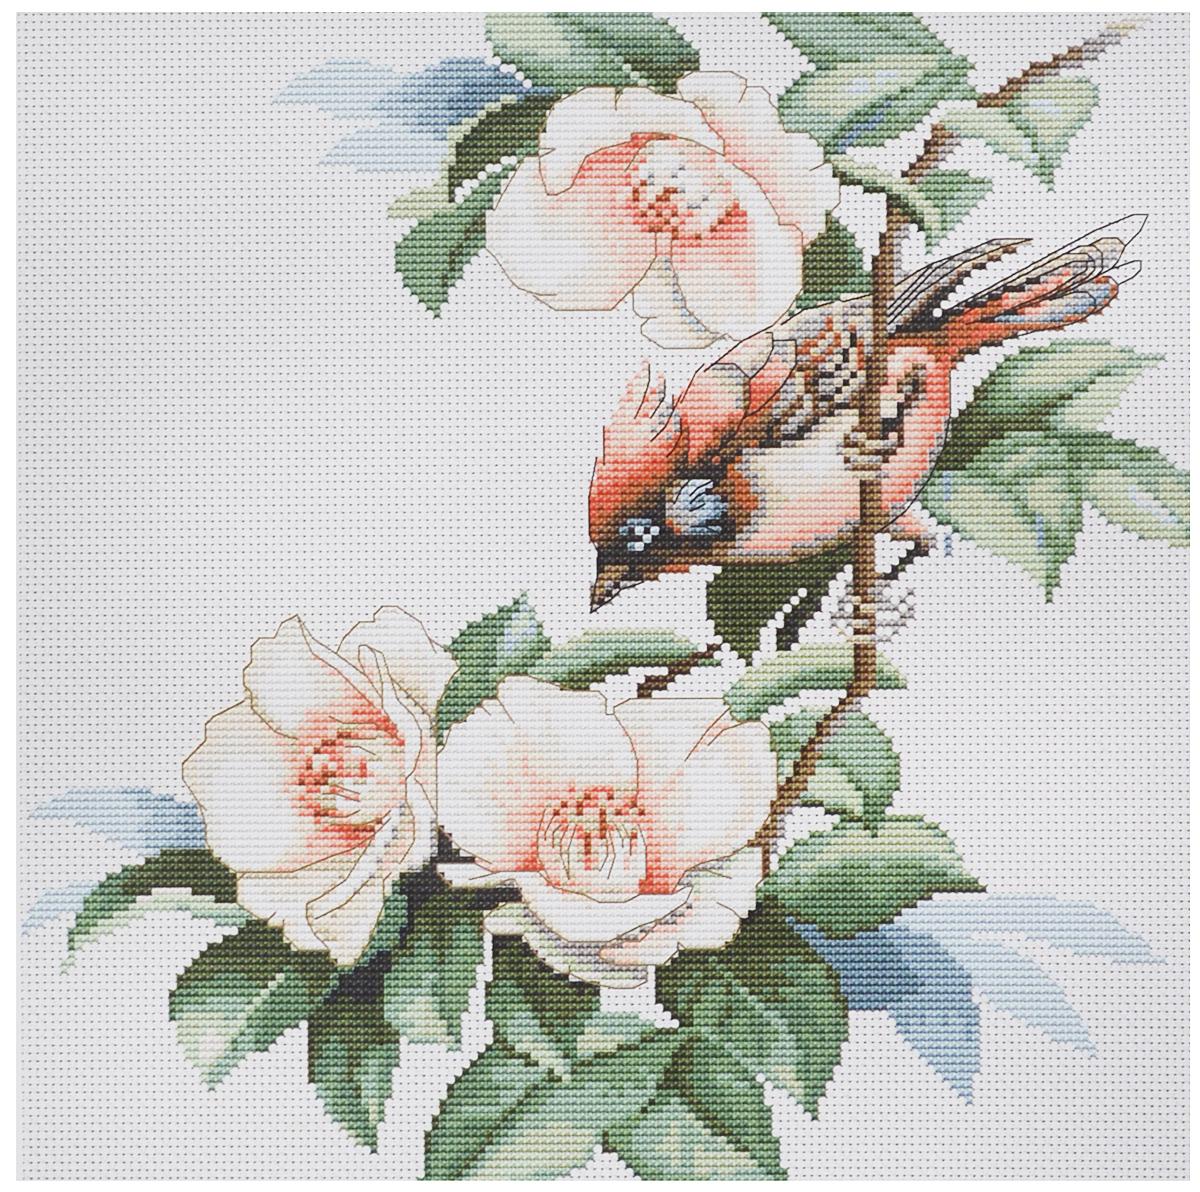 Набор для вышивания крестом Luca-S Птичка в цветах, 22 х 23 смB299Набор для вышивания крестом Luca-S Птичка в цветах поможет создать красивую вышитую картину. Рисунок-вышивка, выполненный на канве, выглядит стильно и модно. Вышивание отвлечет вас от повседневных забот и превратится в увлекательное занятие! Работа, сделанная своими руками, не только украсит интерьер дома, придав ему уют и оригинальность, но и будет отличным подарком для друзей и близких! Набор содержит все необходимые материалы для вышивки на канве в технике счетный крест. В набор входит: - канва Aida Zweigart №18 (белого цвета), - мулине Anchor - 100% мерсеризованный хлопок (27 цветов), - черно-белая символьная схема, - инструкция на русском языке, - игла. Размер готовой работы: 22 х 23 см. Размер канвы: 31,5 х 32,5 см.